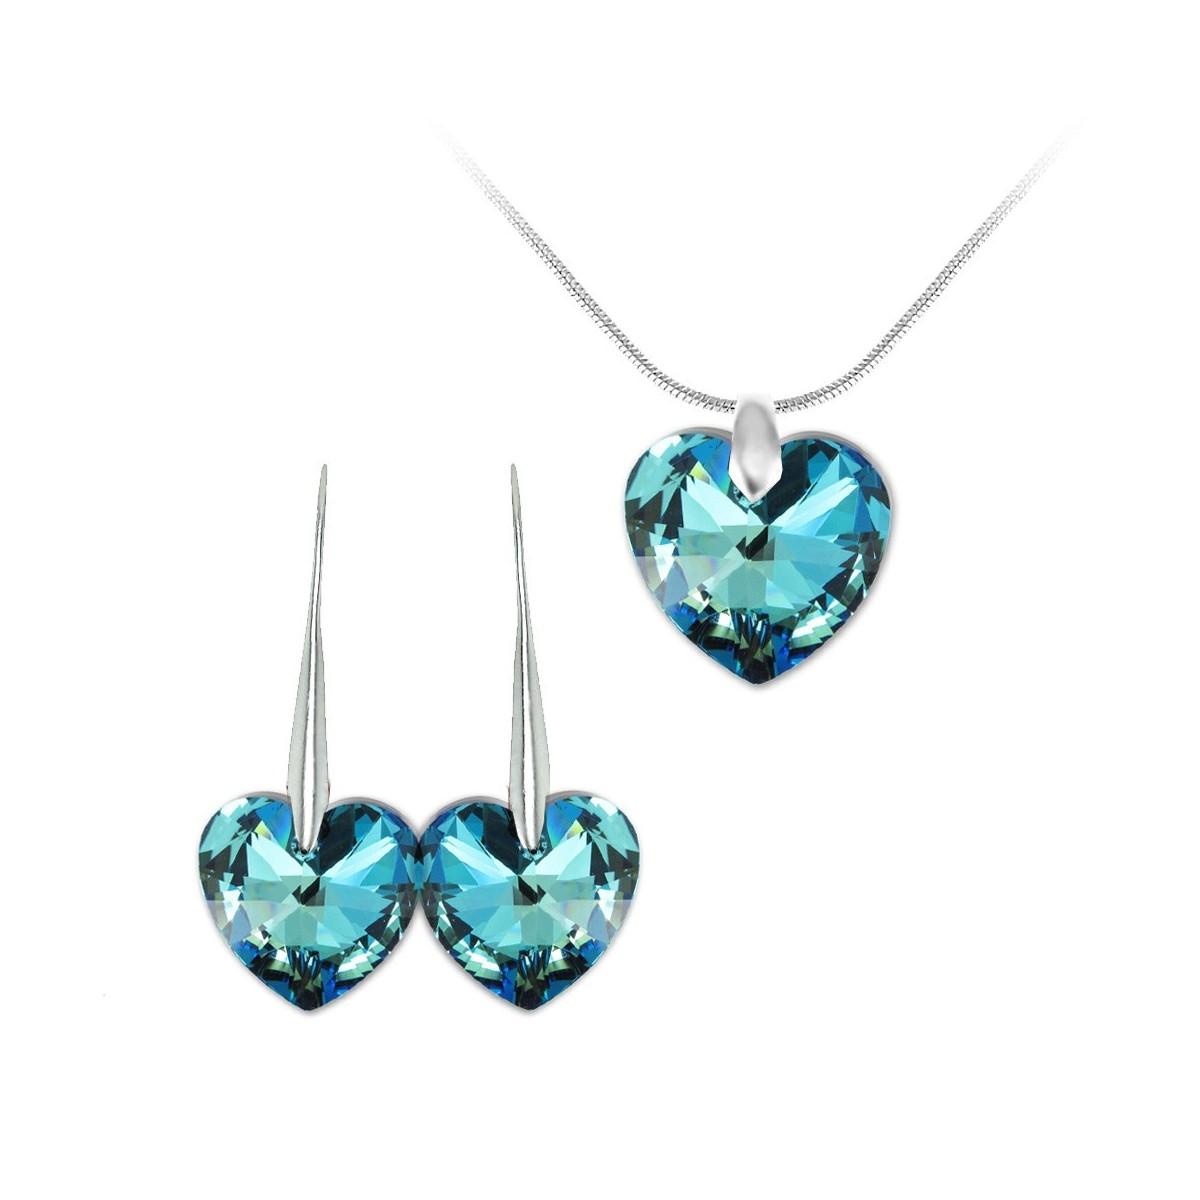 Parure collier et boucles d'oreilles argentés et coeurs bleus So Charm made with Crystal from Swarovski